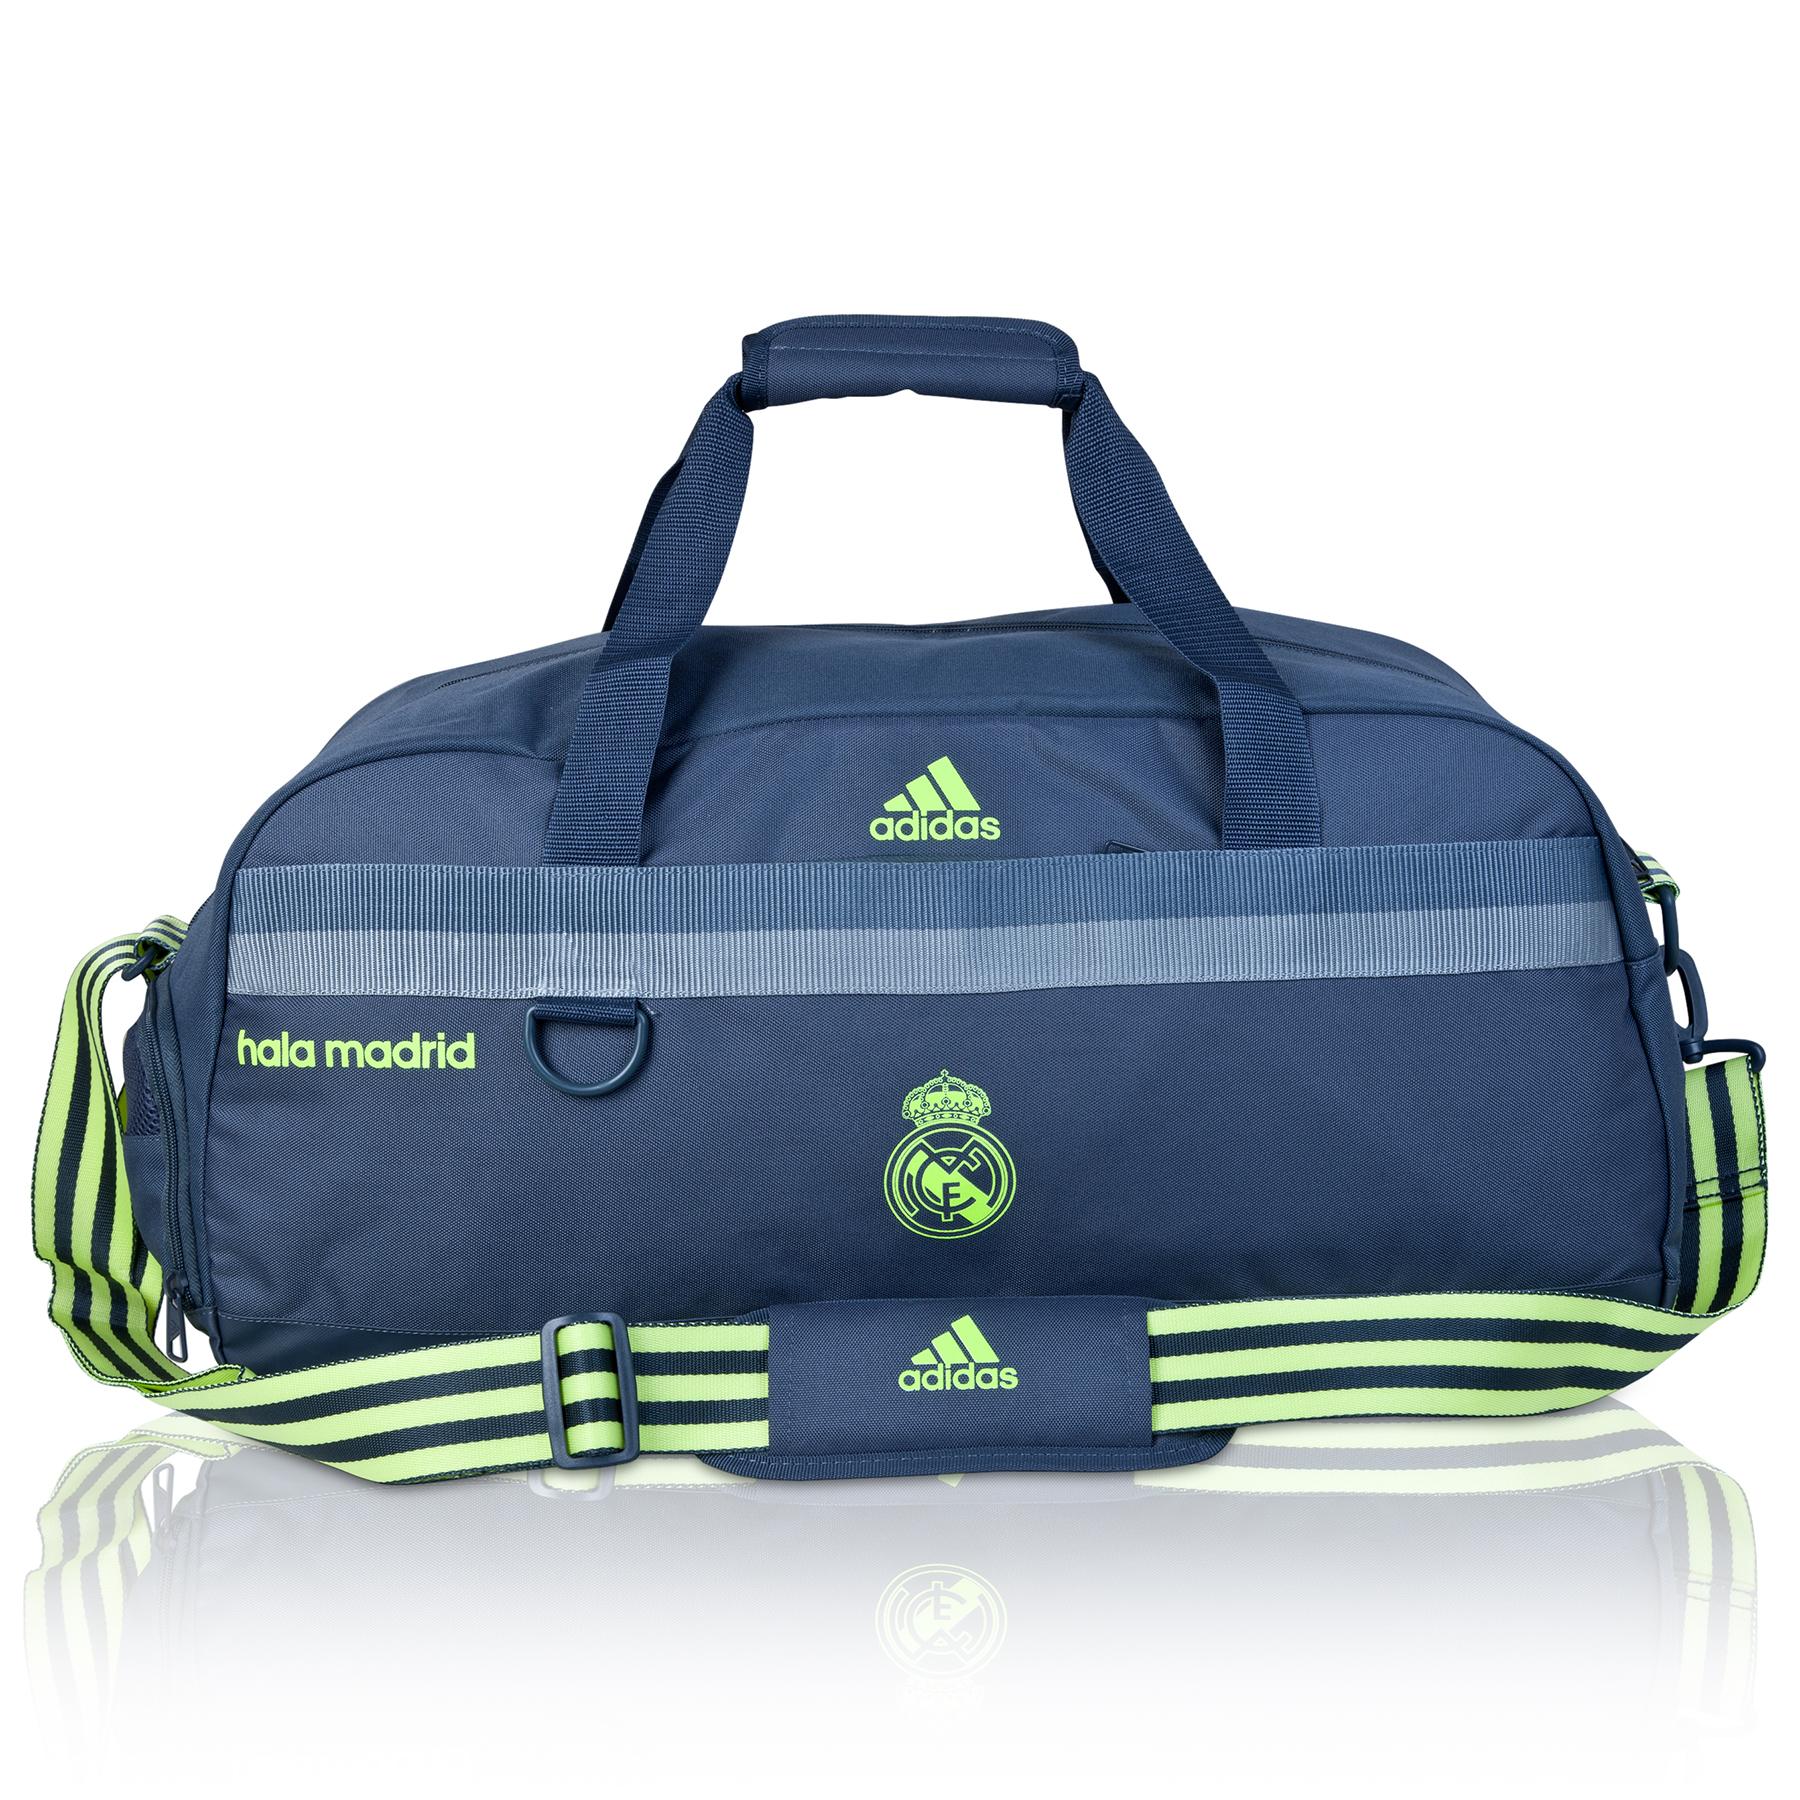 Real Madrid Team Bag